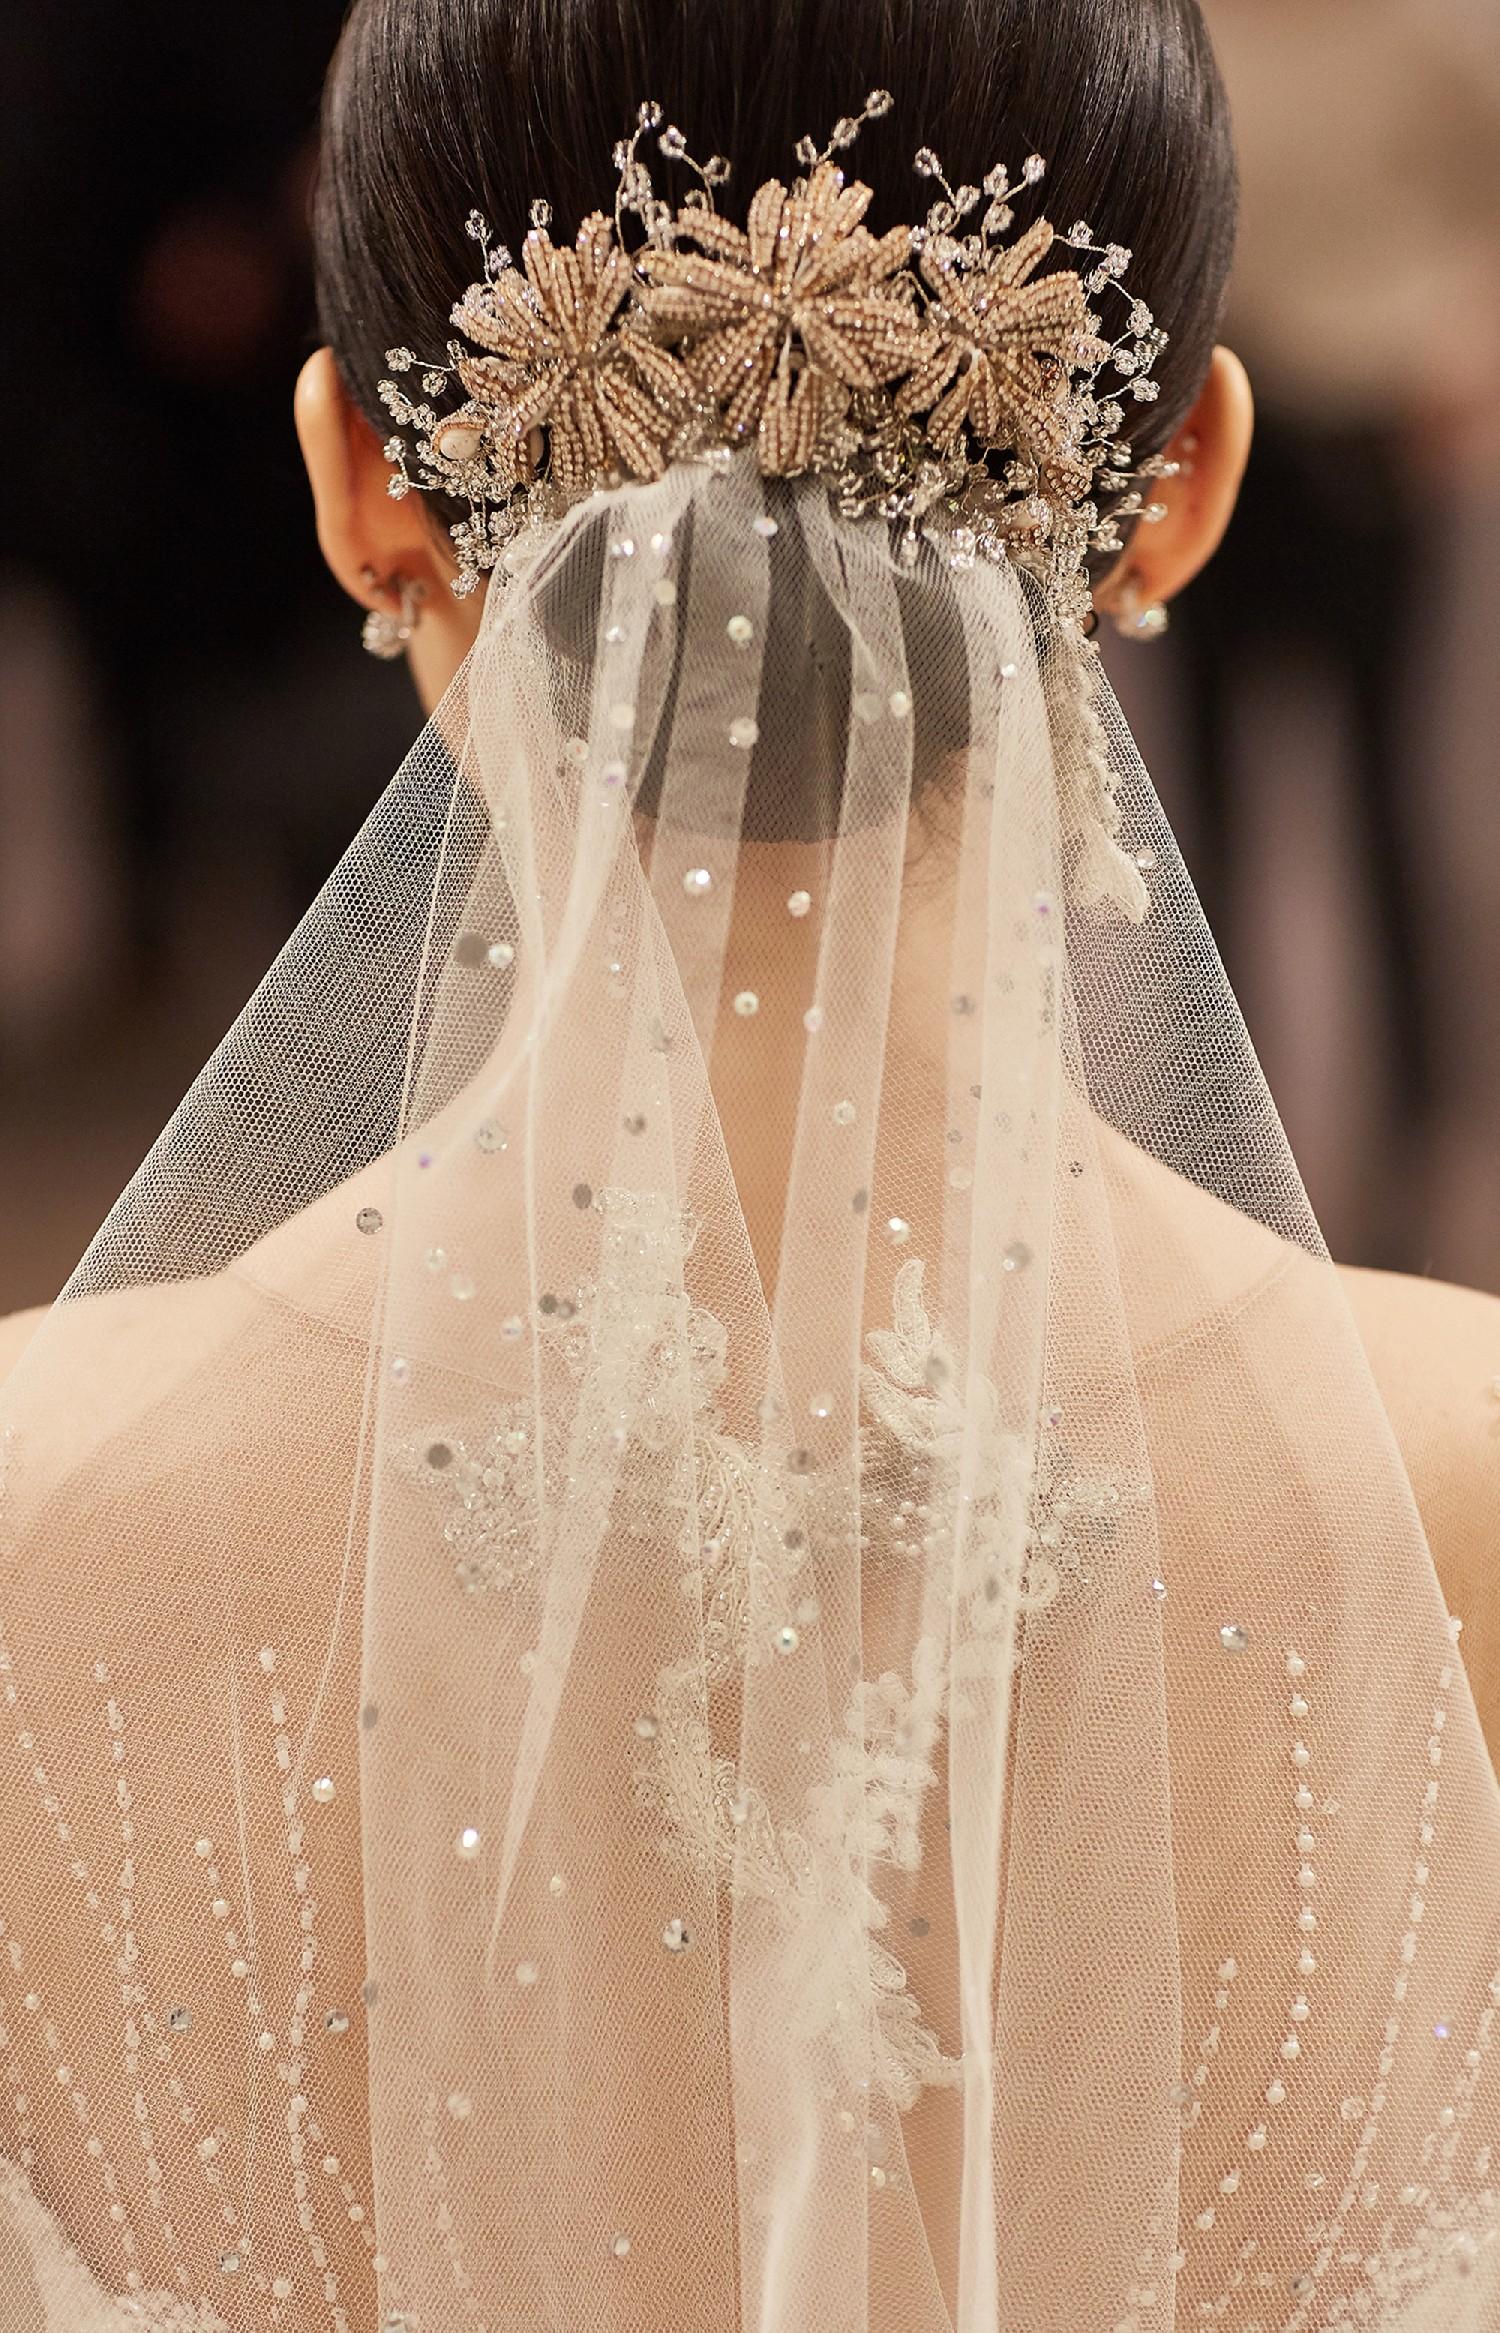 코로나 3차 대유행. 거리두기 2단계에 따른 결혼식 변화는?